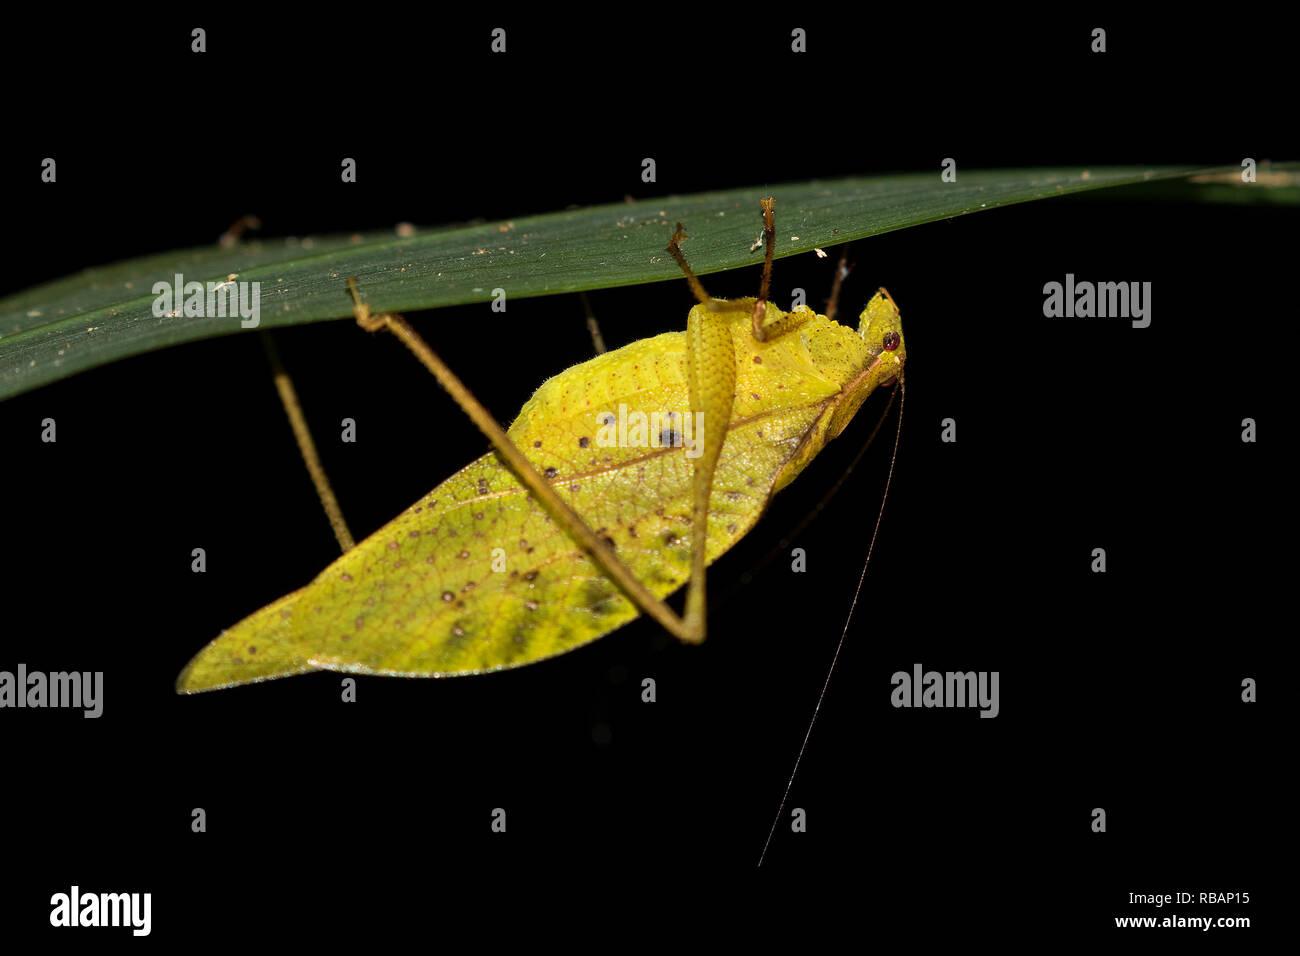 Dead leaf-mimic katydid (Orophus tesselatus) under leaf, Quepos, Costa Rica - Stock Image